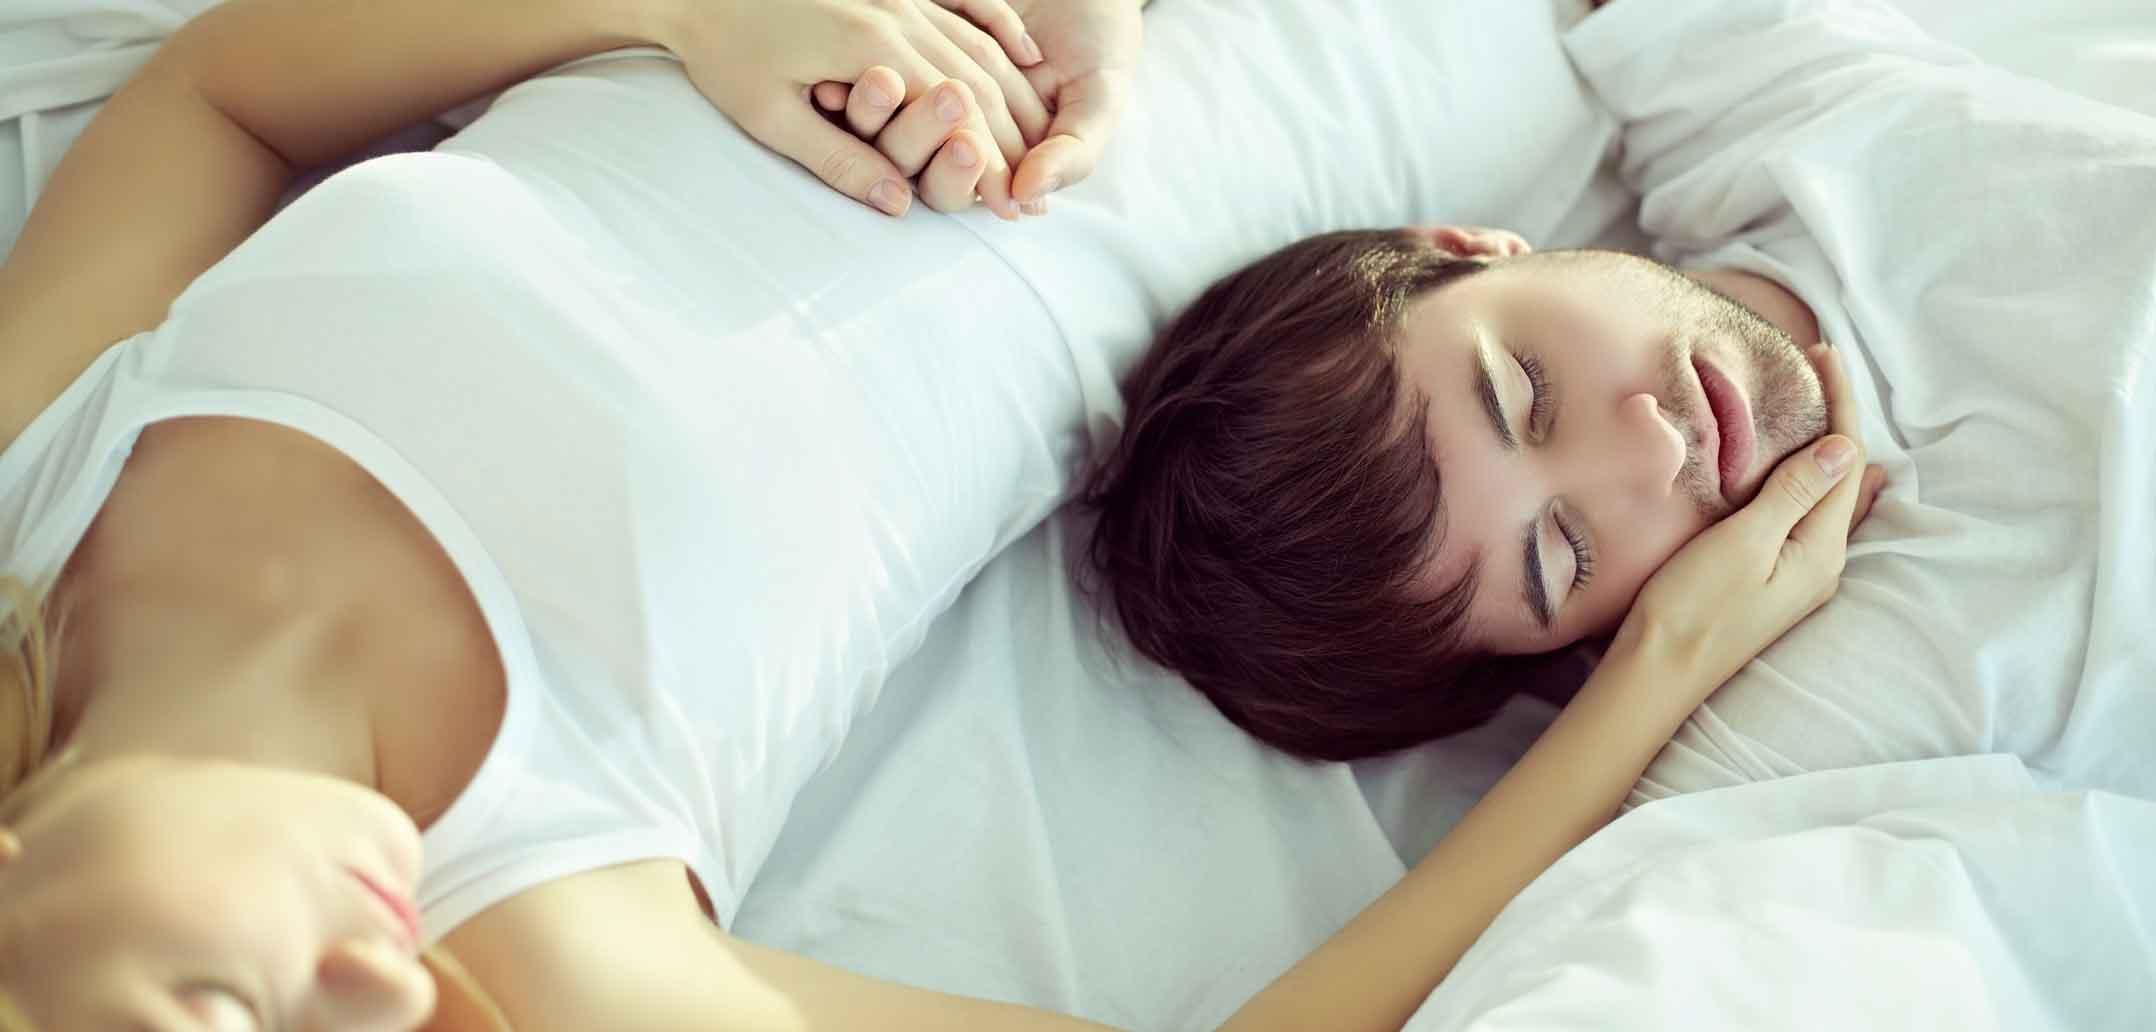 Wonderful Schlaf Bett Photo Of Ist Liebe Sich Das Zu Teilen?